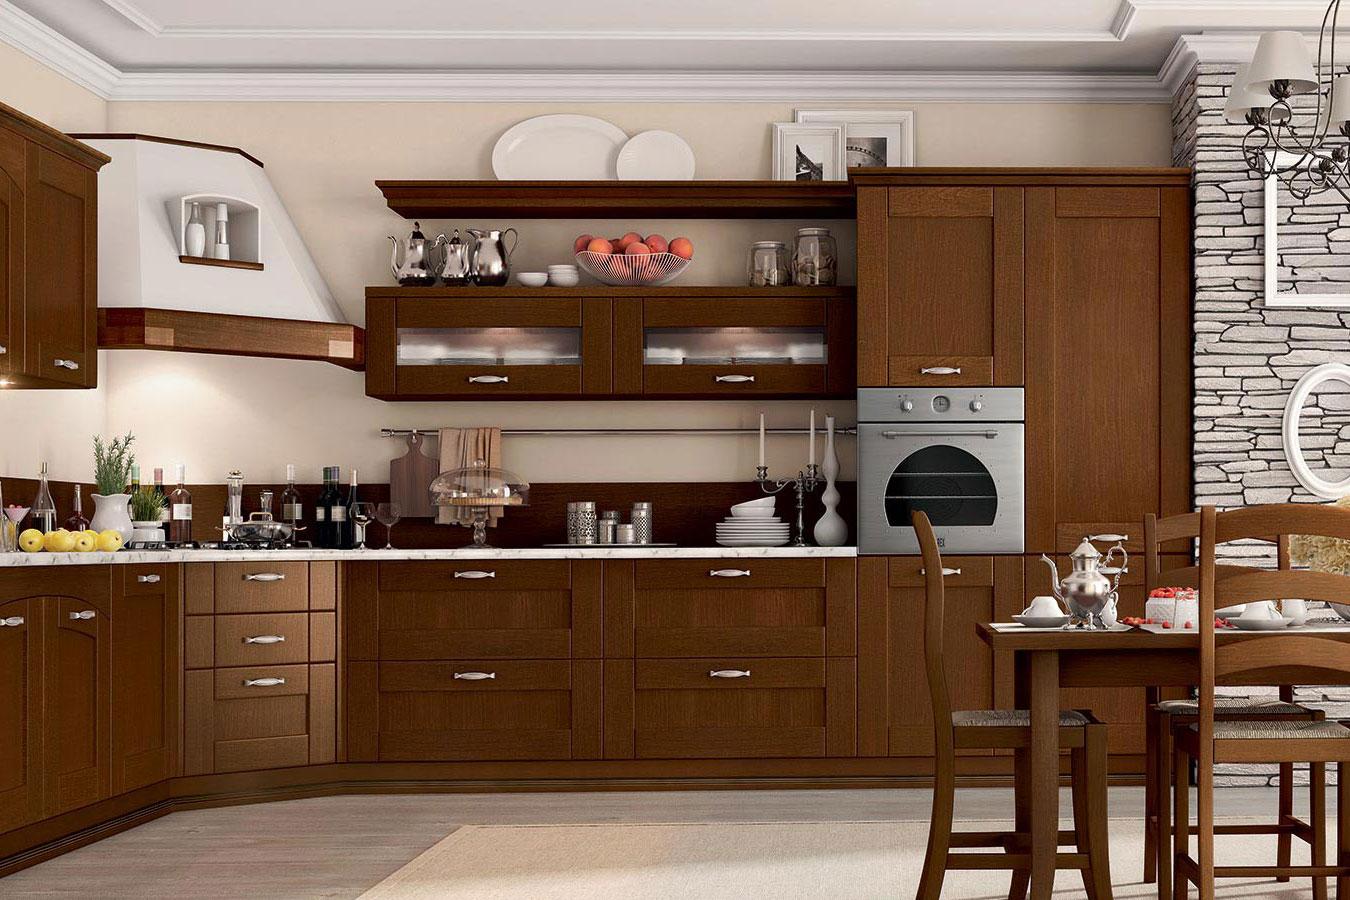 Arredo3 cucina agnese 2 classica componibile legno vetro - Arredamento cucina classica ...